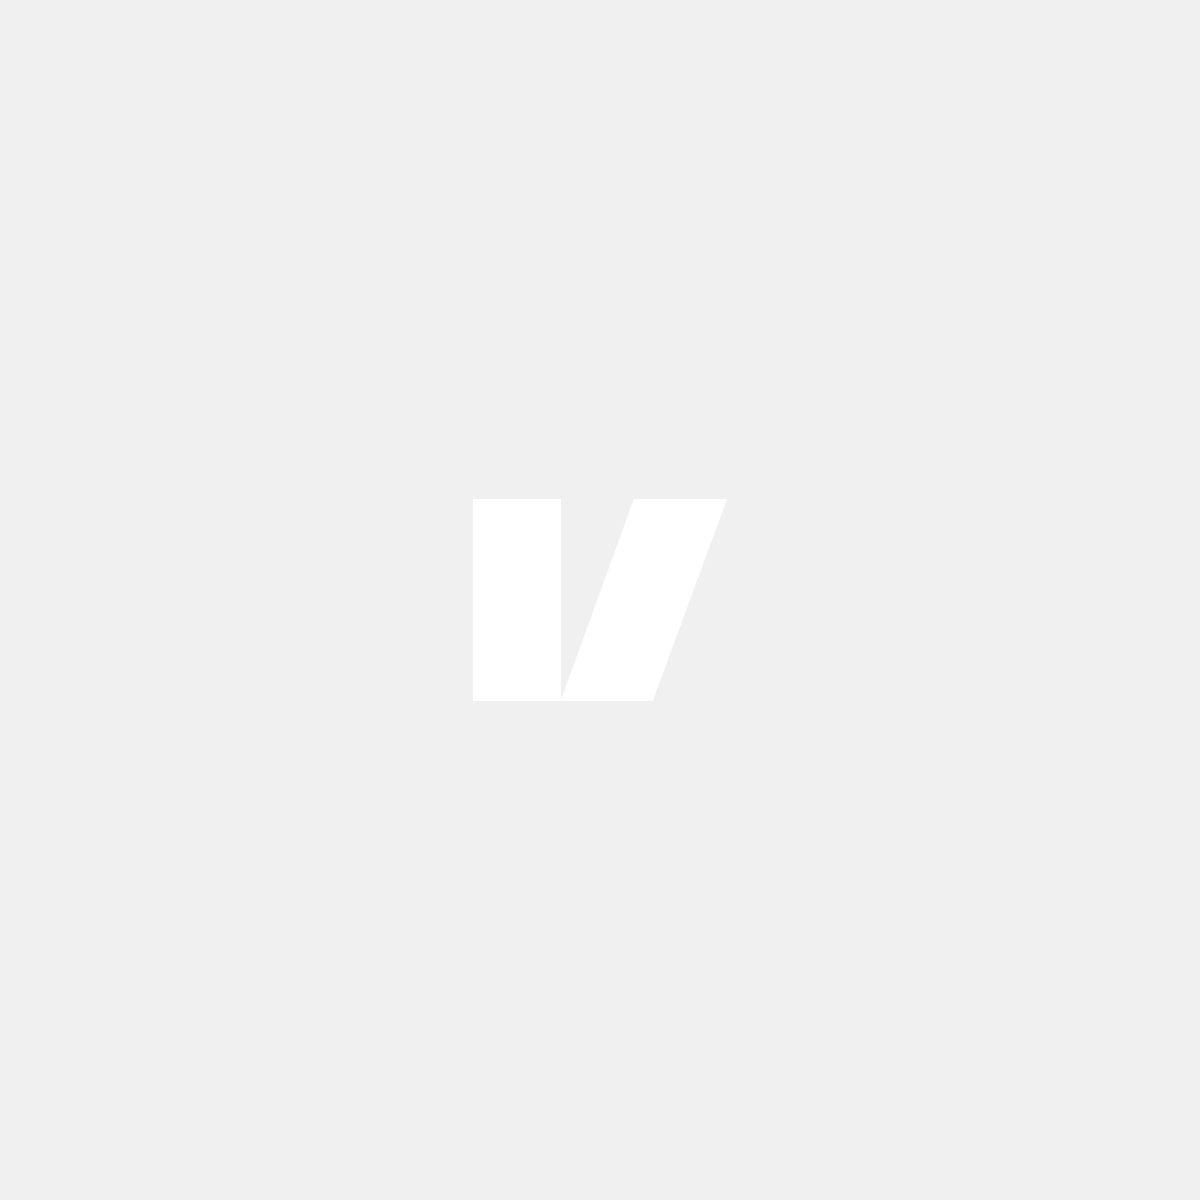 Felkodsläsare iCarsoft VOL II till flertalet Volvomodeller